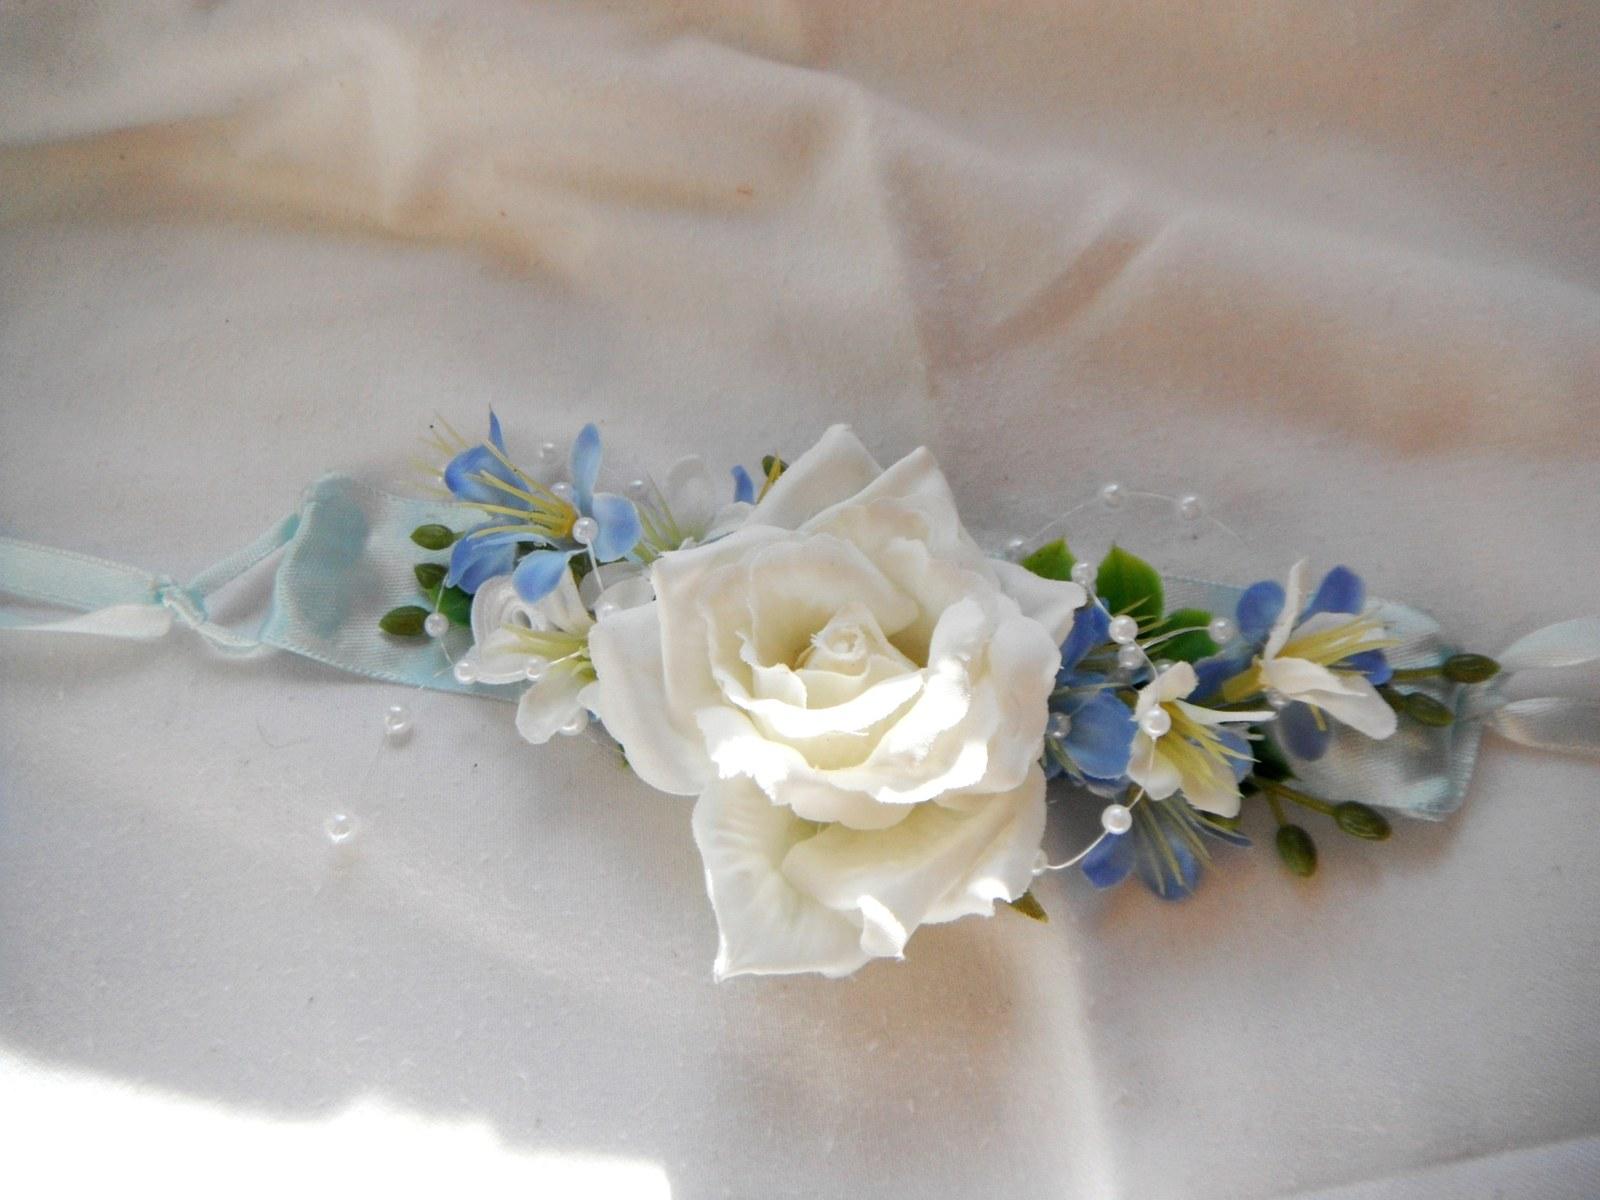 99c99fb3b0c náramek z látkových květin k nebeské sadě   Zboží prodejce ...